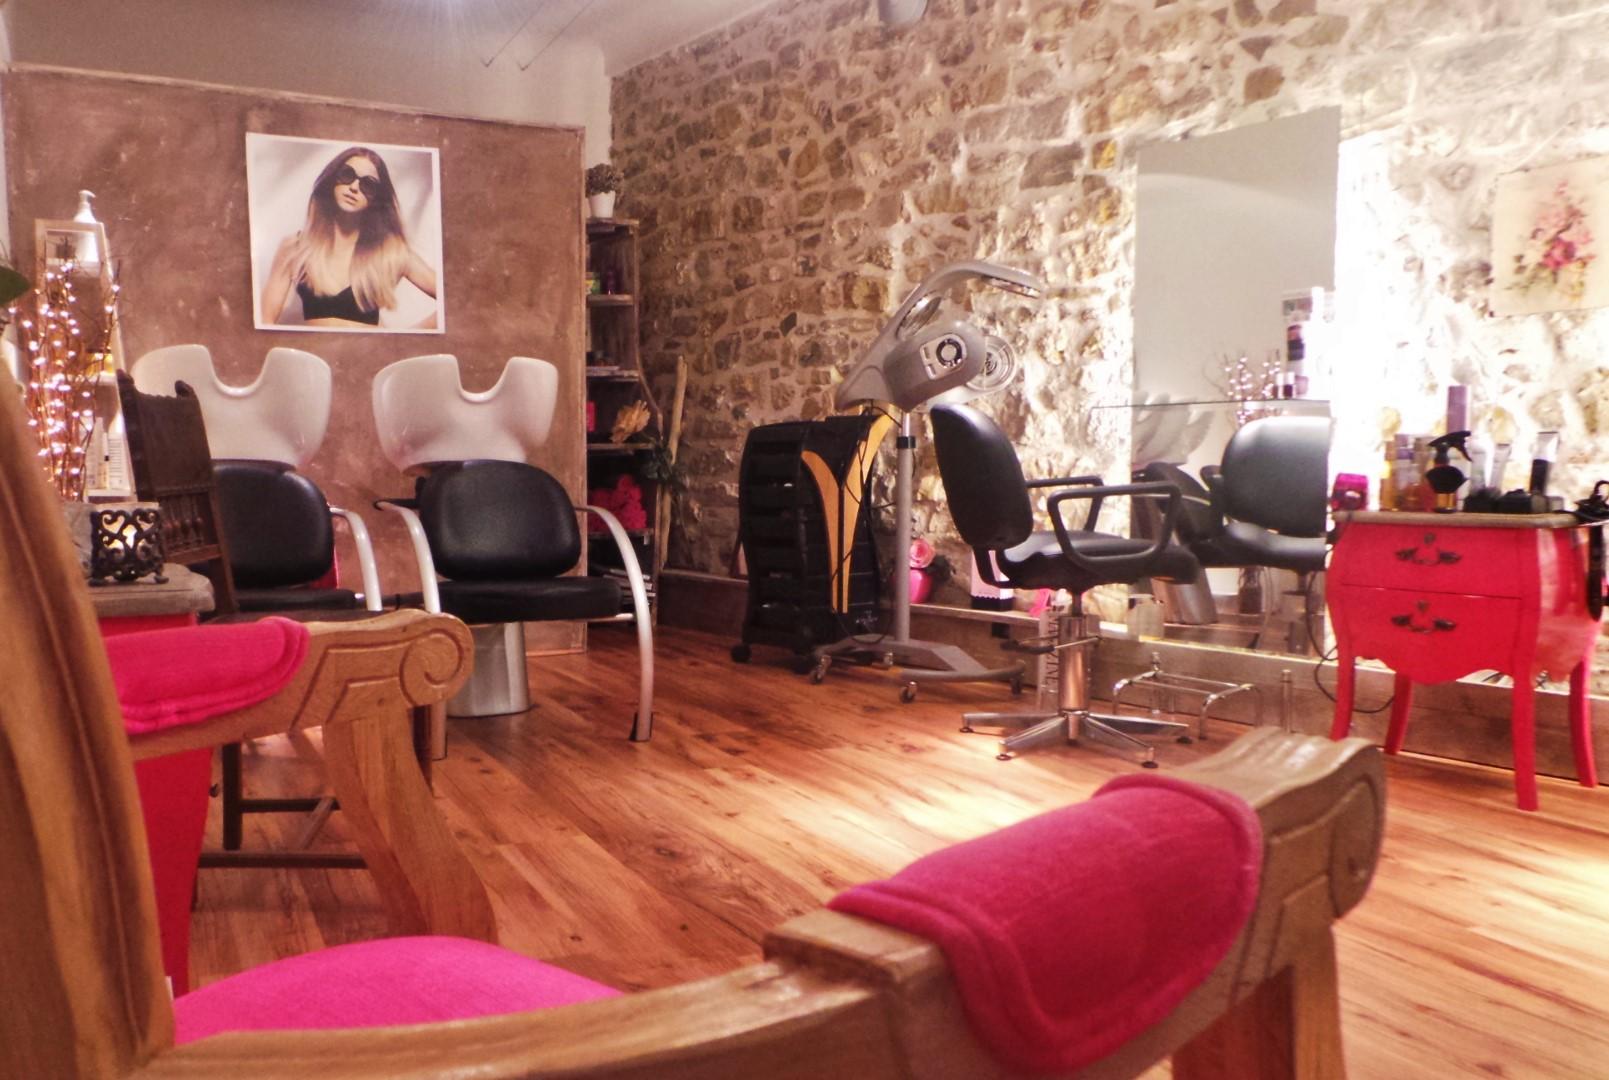 Lili rose mougins avis tarifs horaires t l phone for Salon de coiffure mougins